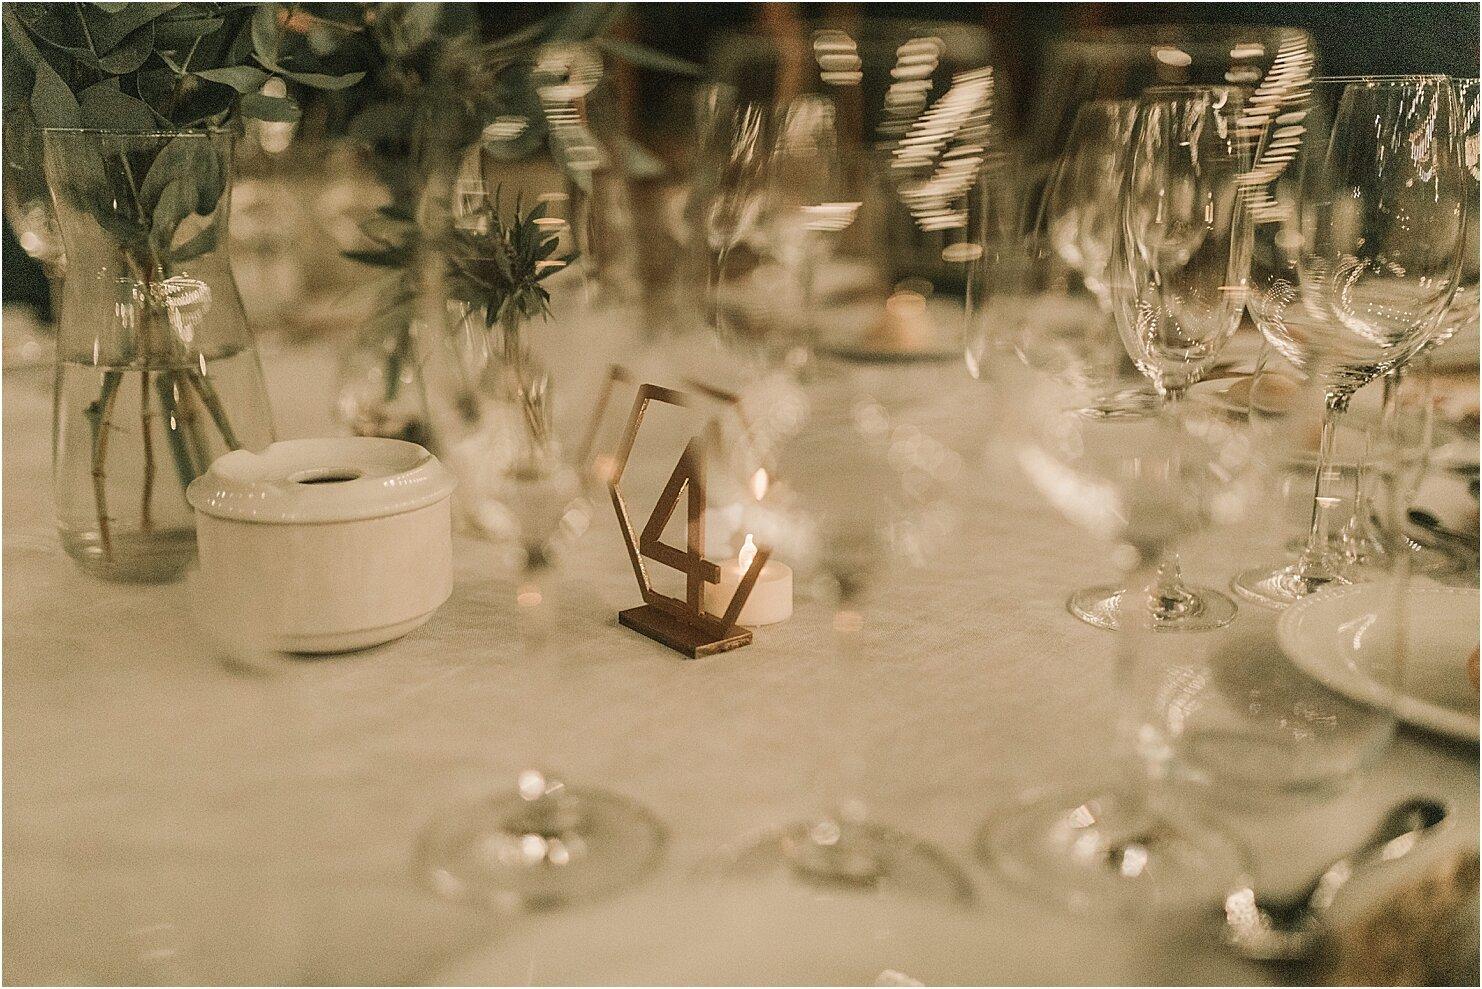 boda-romantica-boda-boho-vestido-de-novia-laura-lomas65.jpg